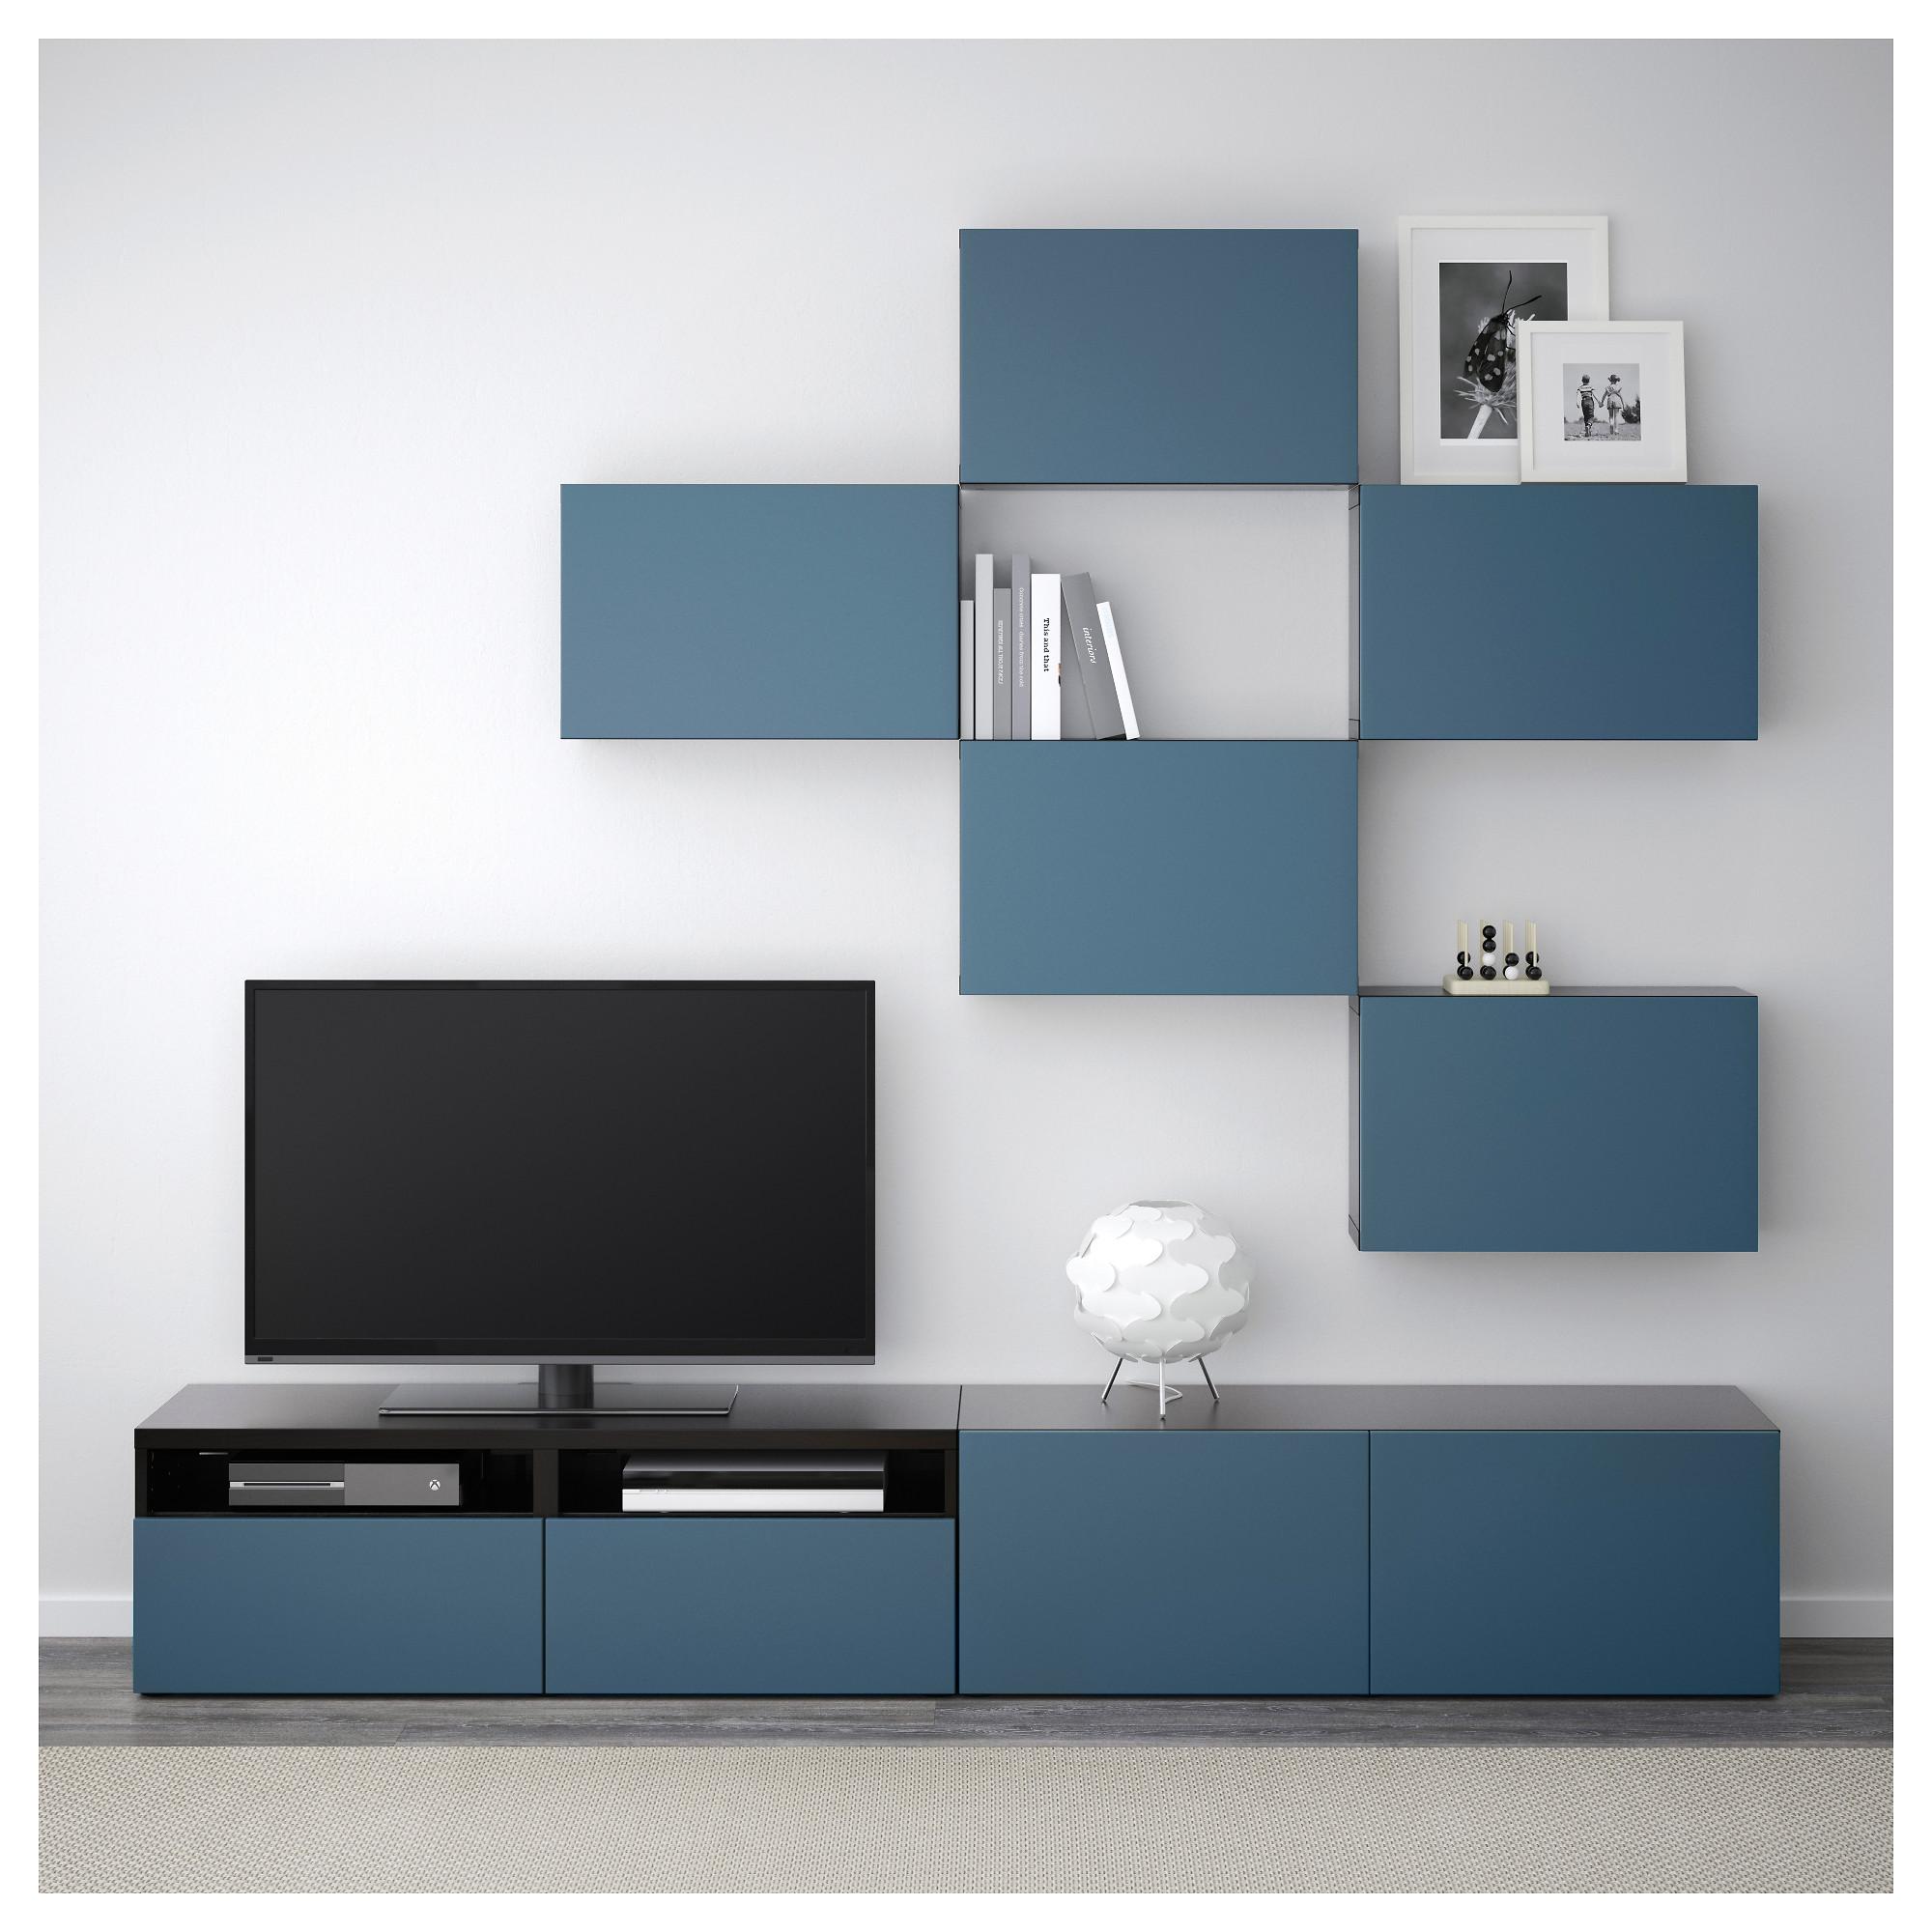 Шкаф для ТВ, комбинация БЕСТО темно-синий артикуль № 692.516.80 в наличии. Интернет сайт IKEA Республика Беларусь. Быстрая доставка и монтаж.